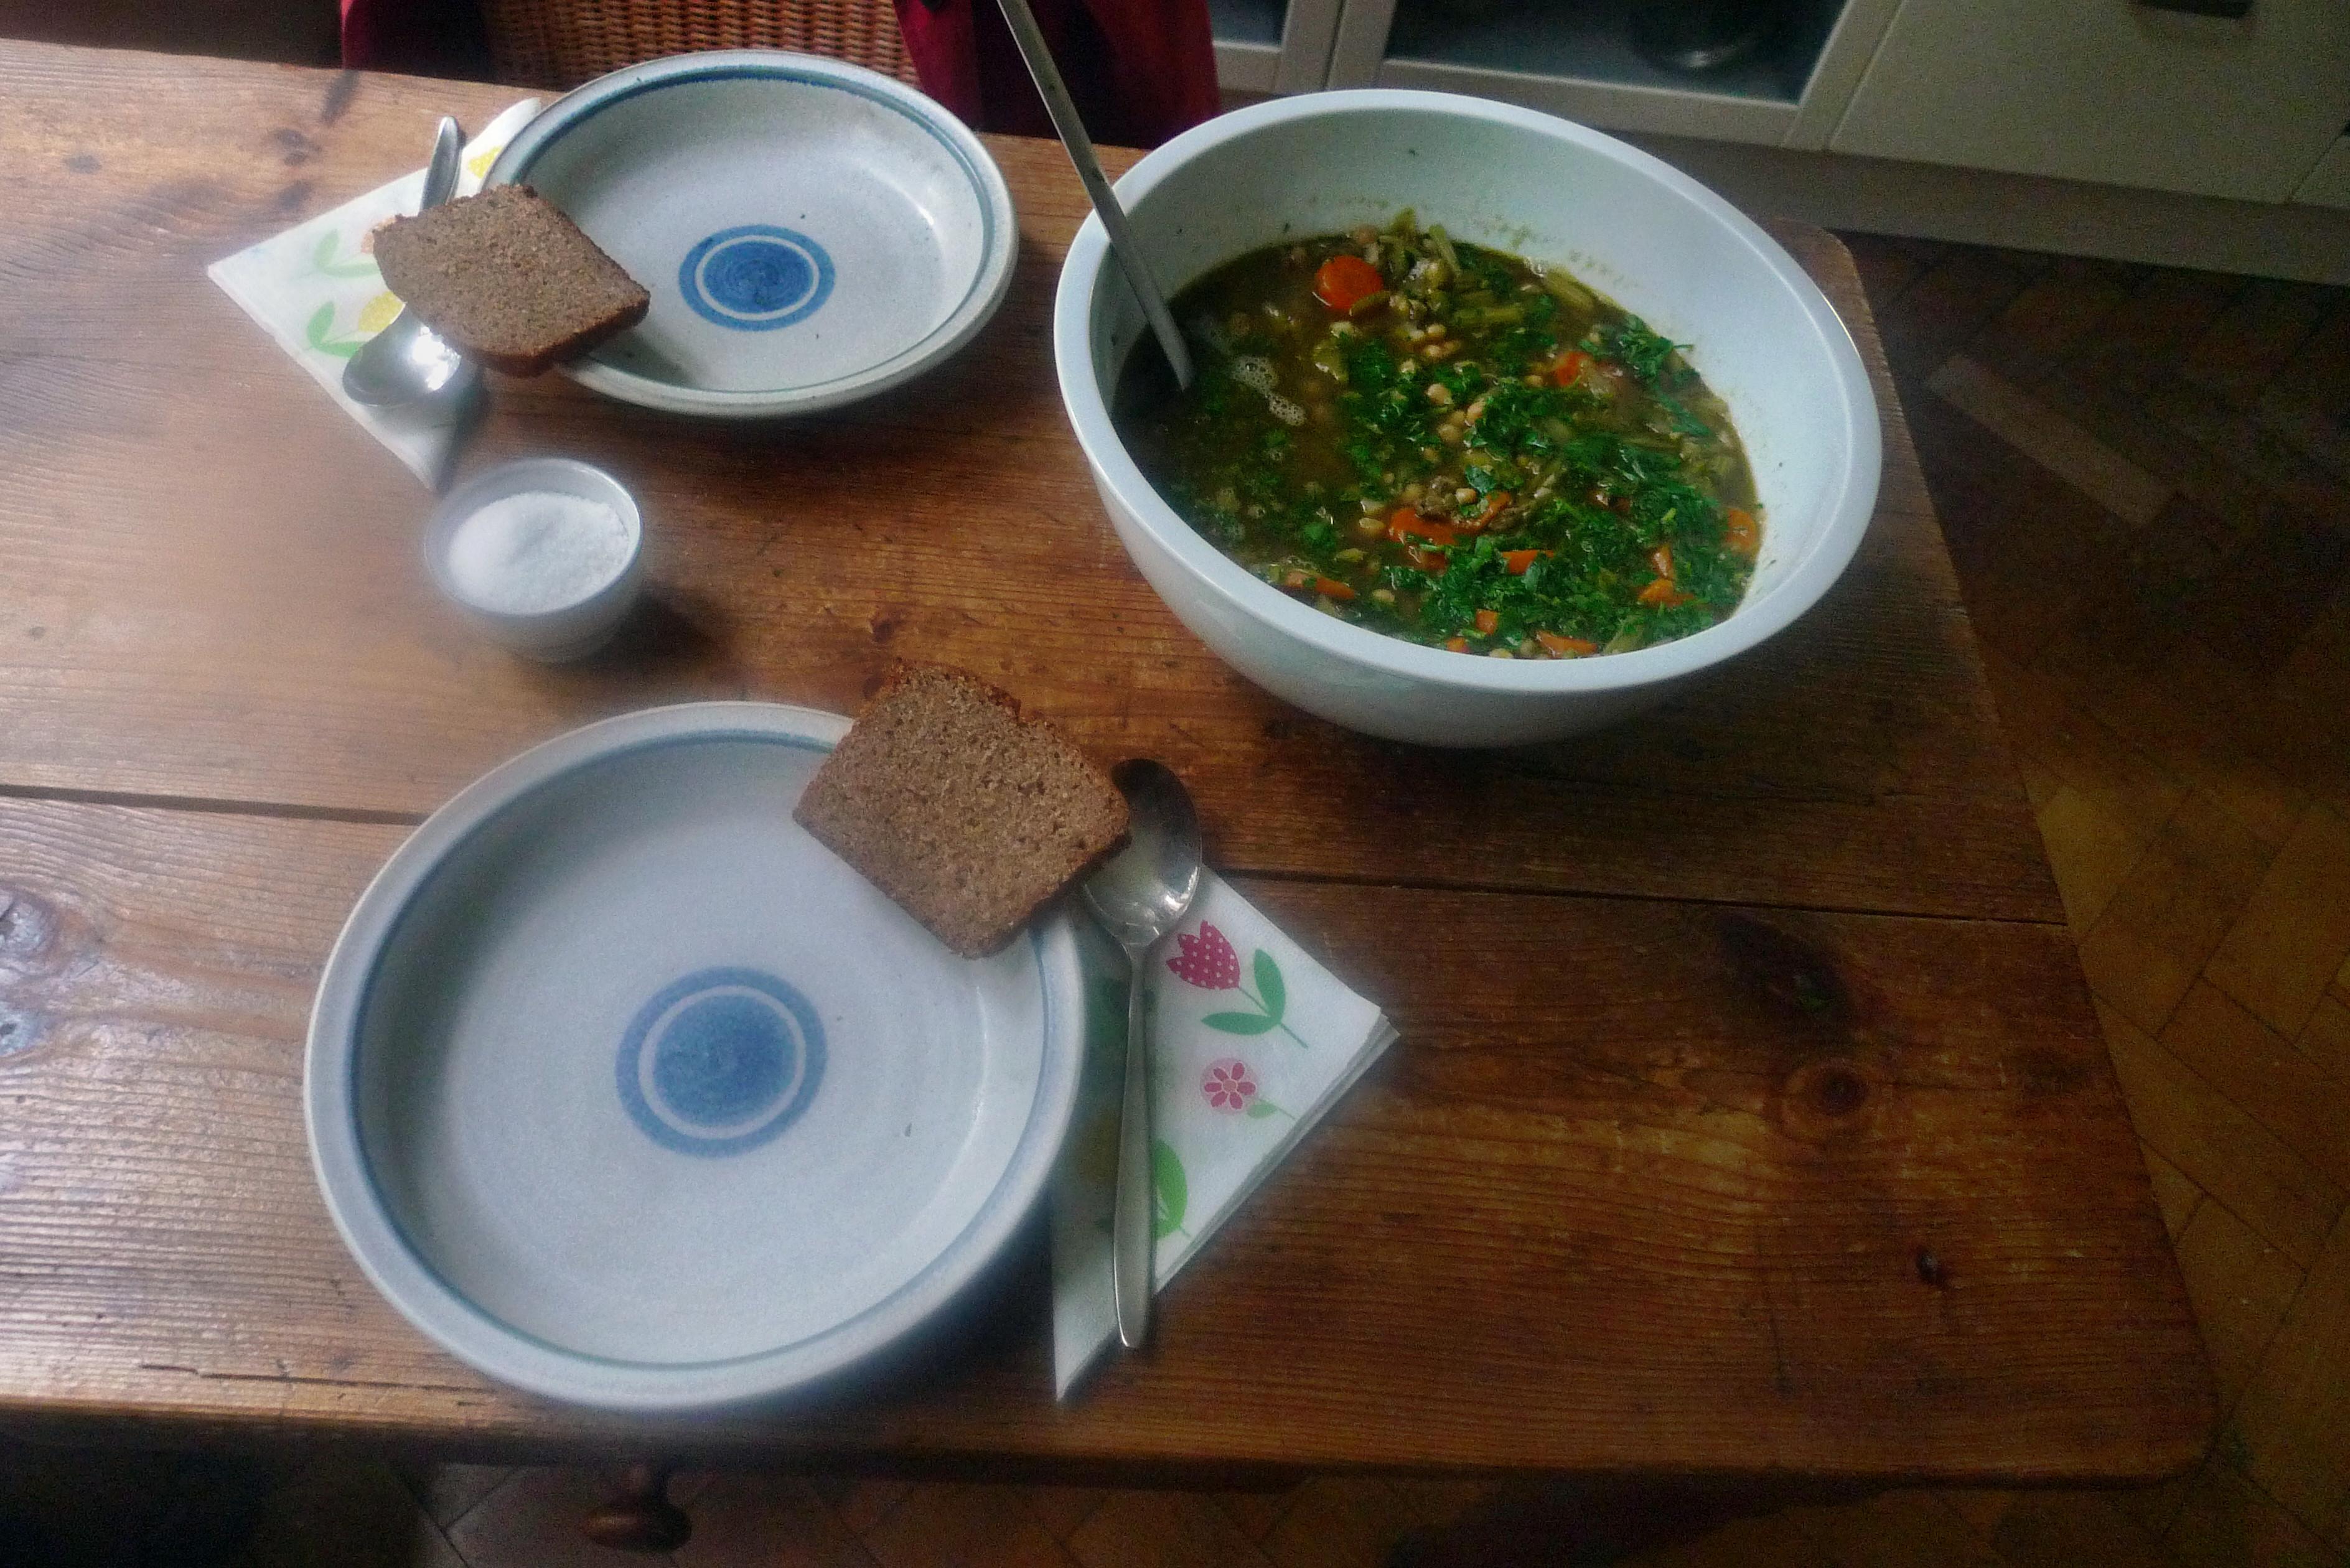 Gemüsesuppe mit Kichererbsen- vegan- 16.10.14   (15)